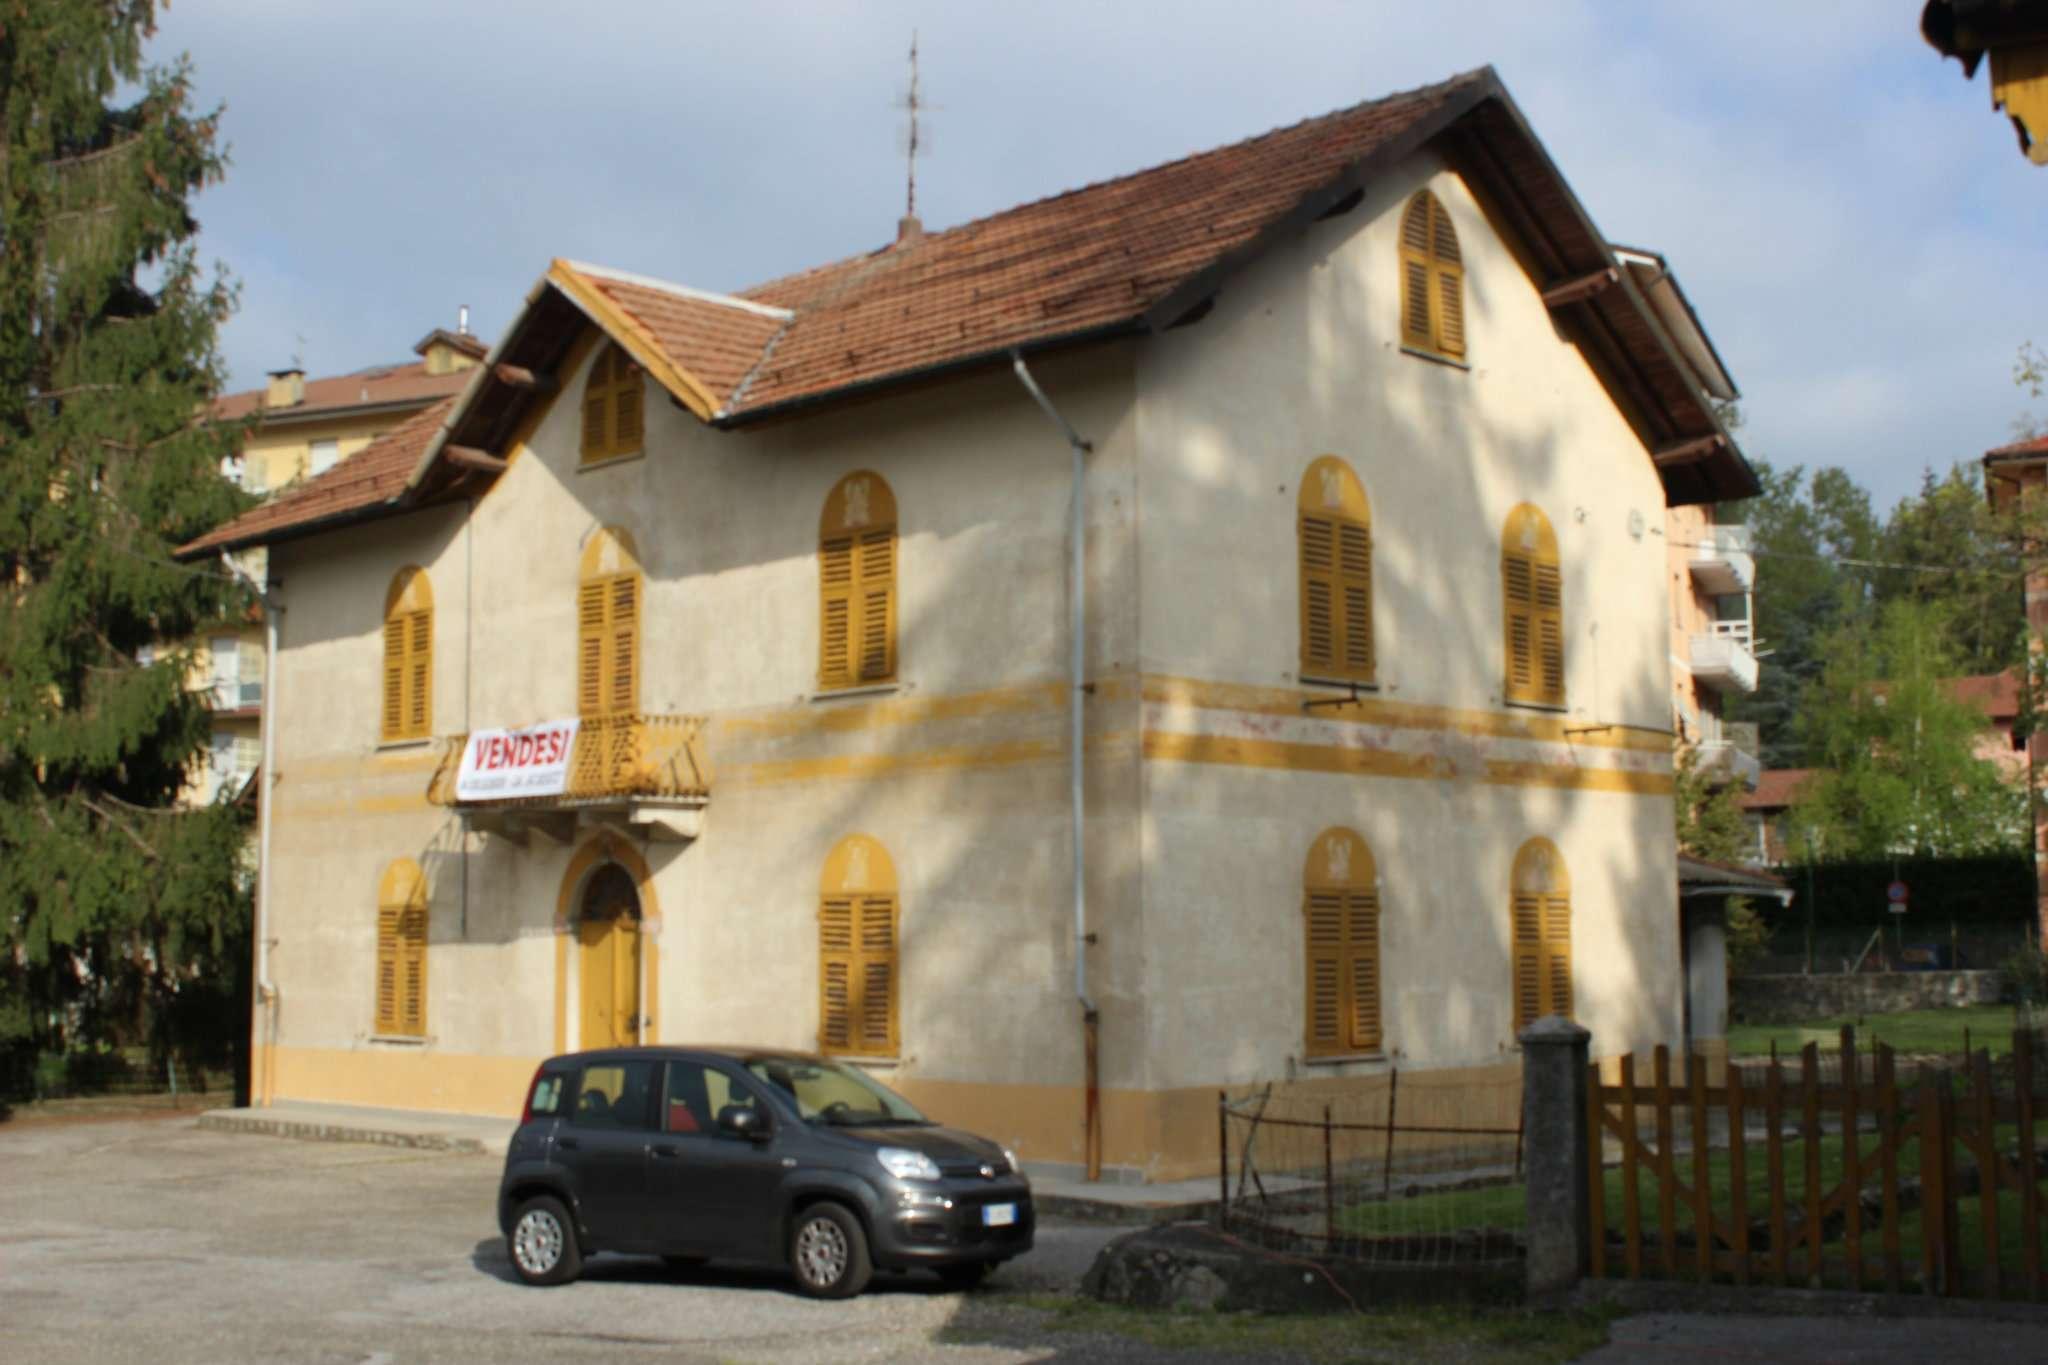 Soluzione Indipendente in vendita a Busalla, 13 locali, prezzo € 440.000 | Cambio Casa.it